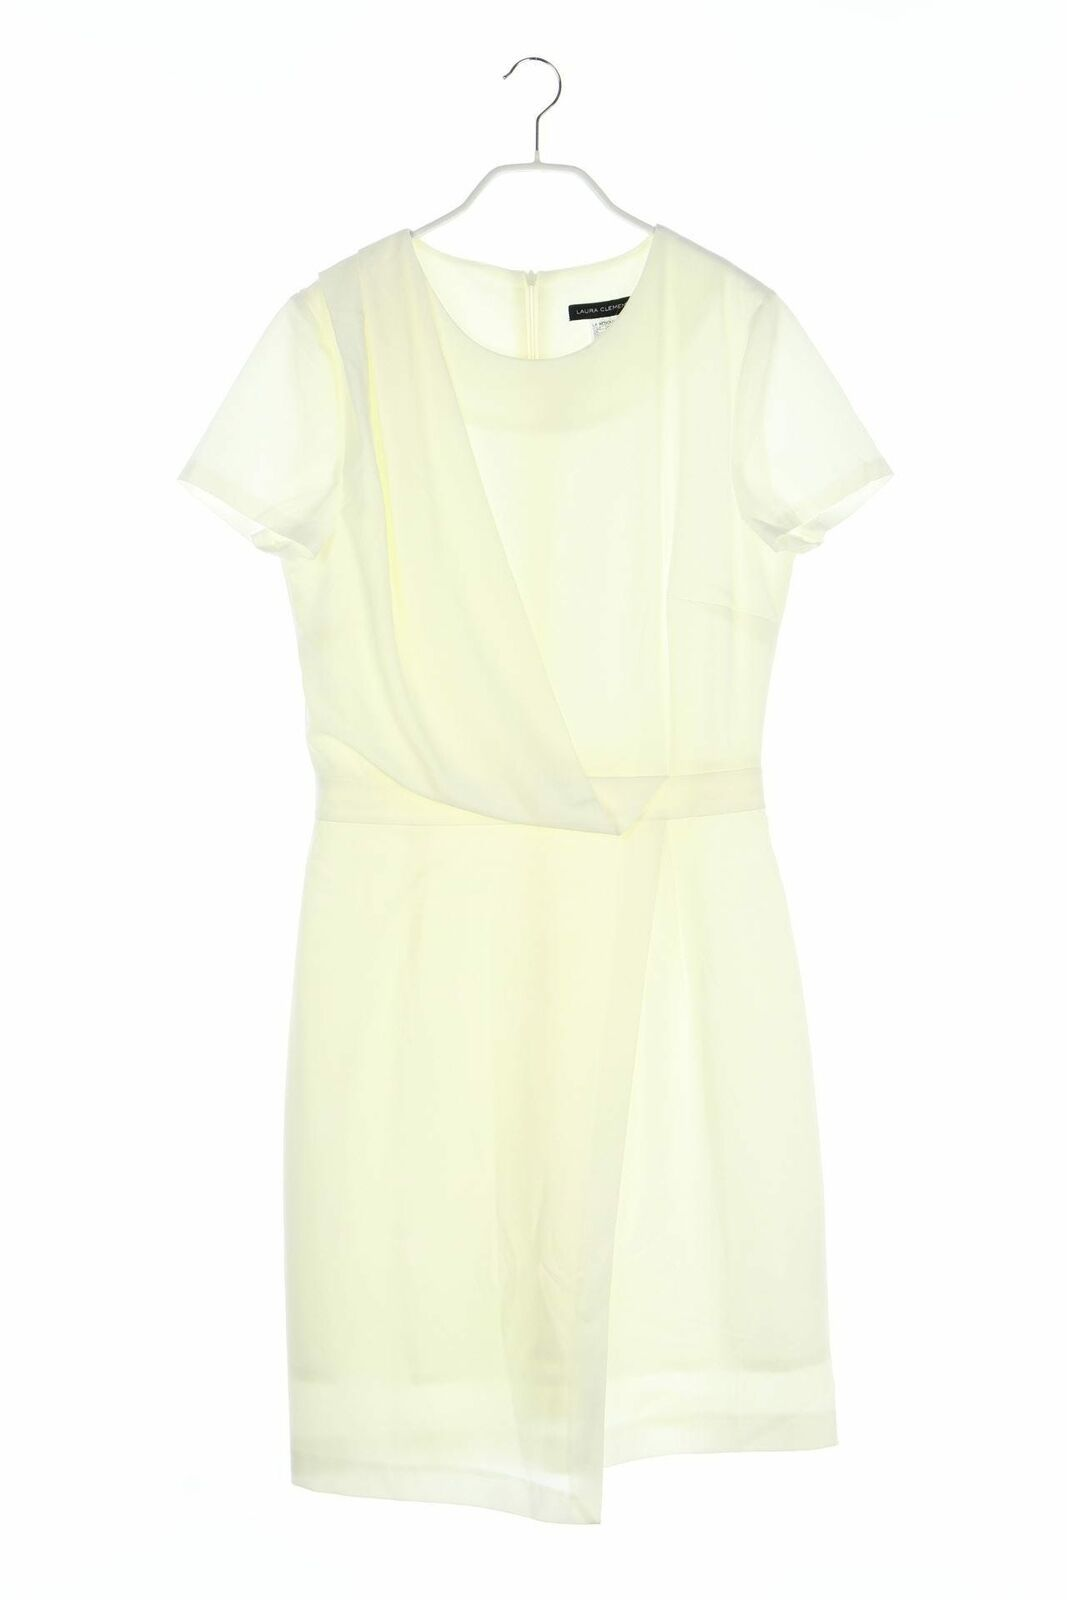 LAURA CLEMENT Kleid in Wickel-Optik D 11 Weiß - Wickelkleid